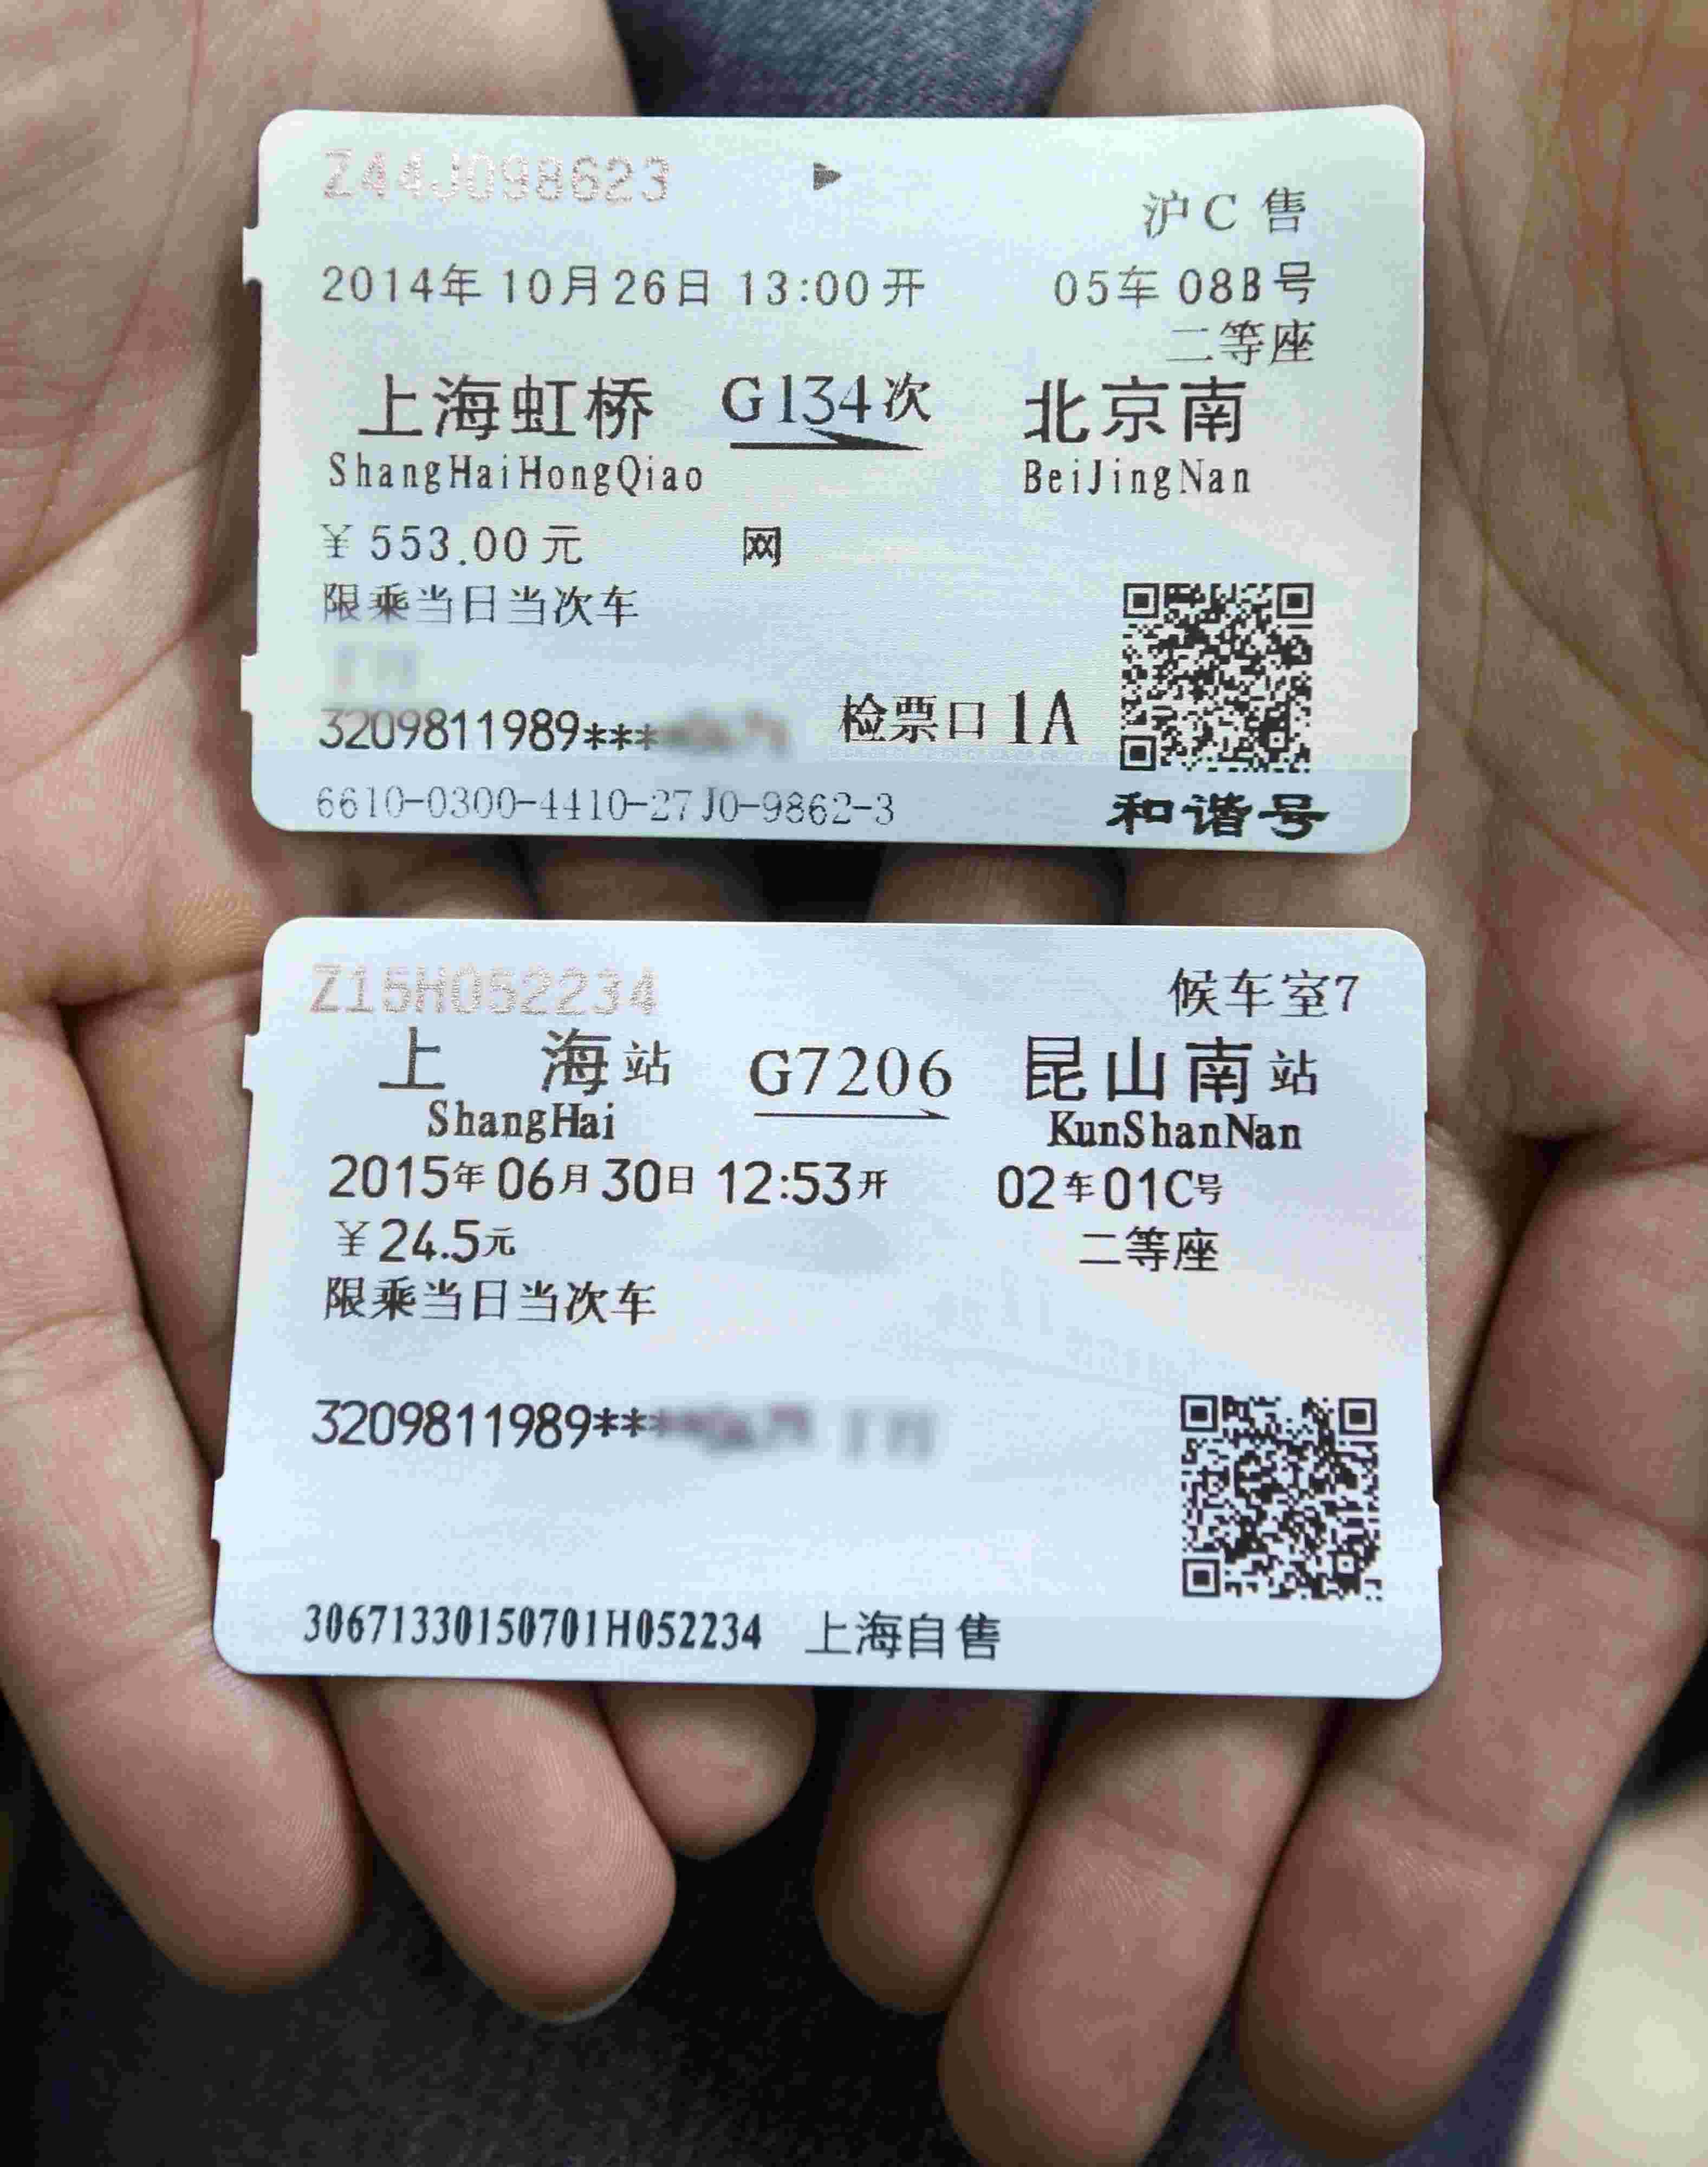 锐视角 新版火车票将于8月在全国开售